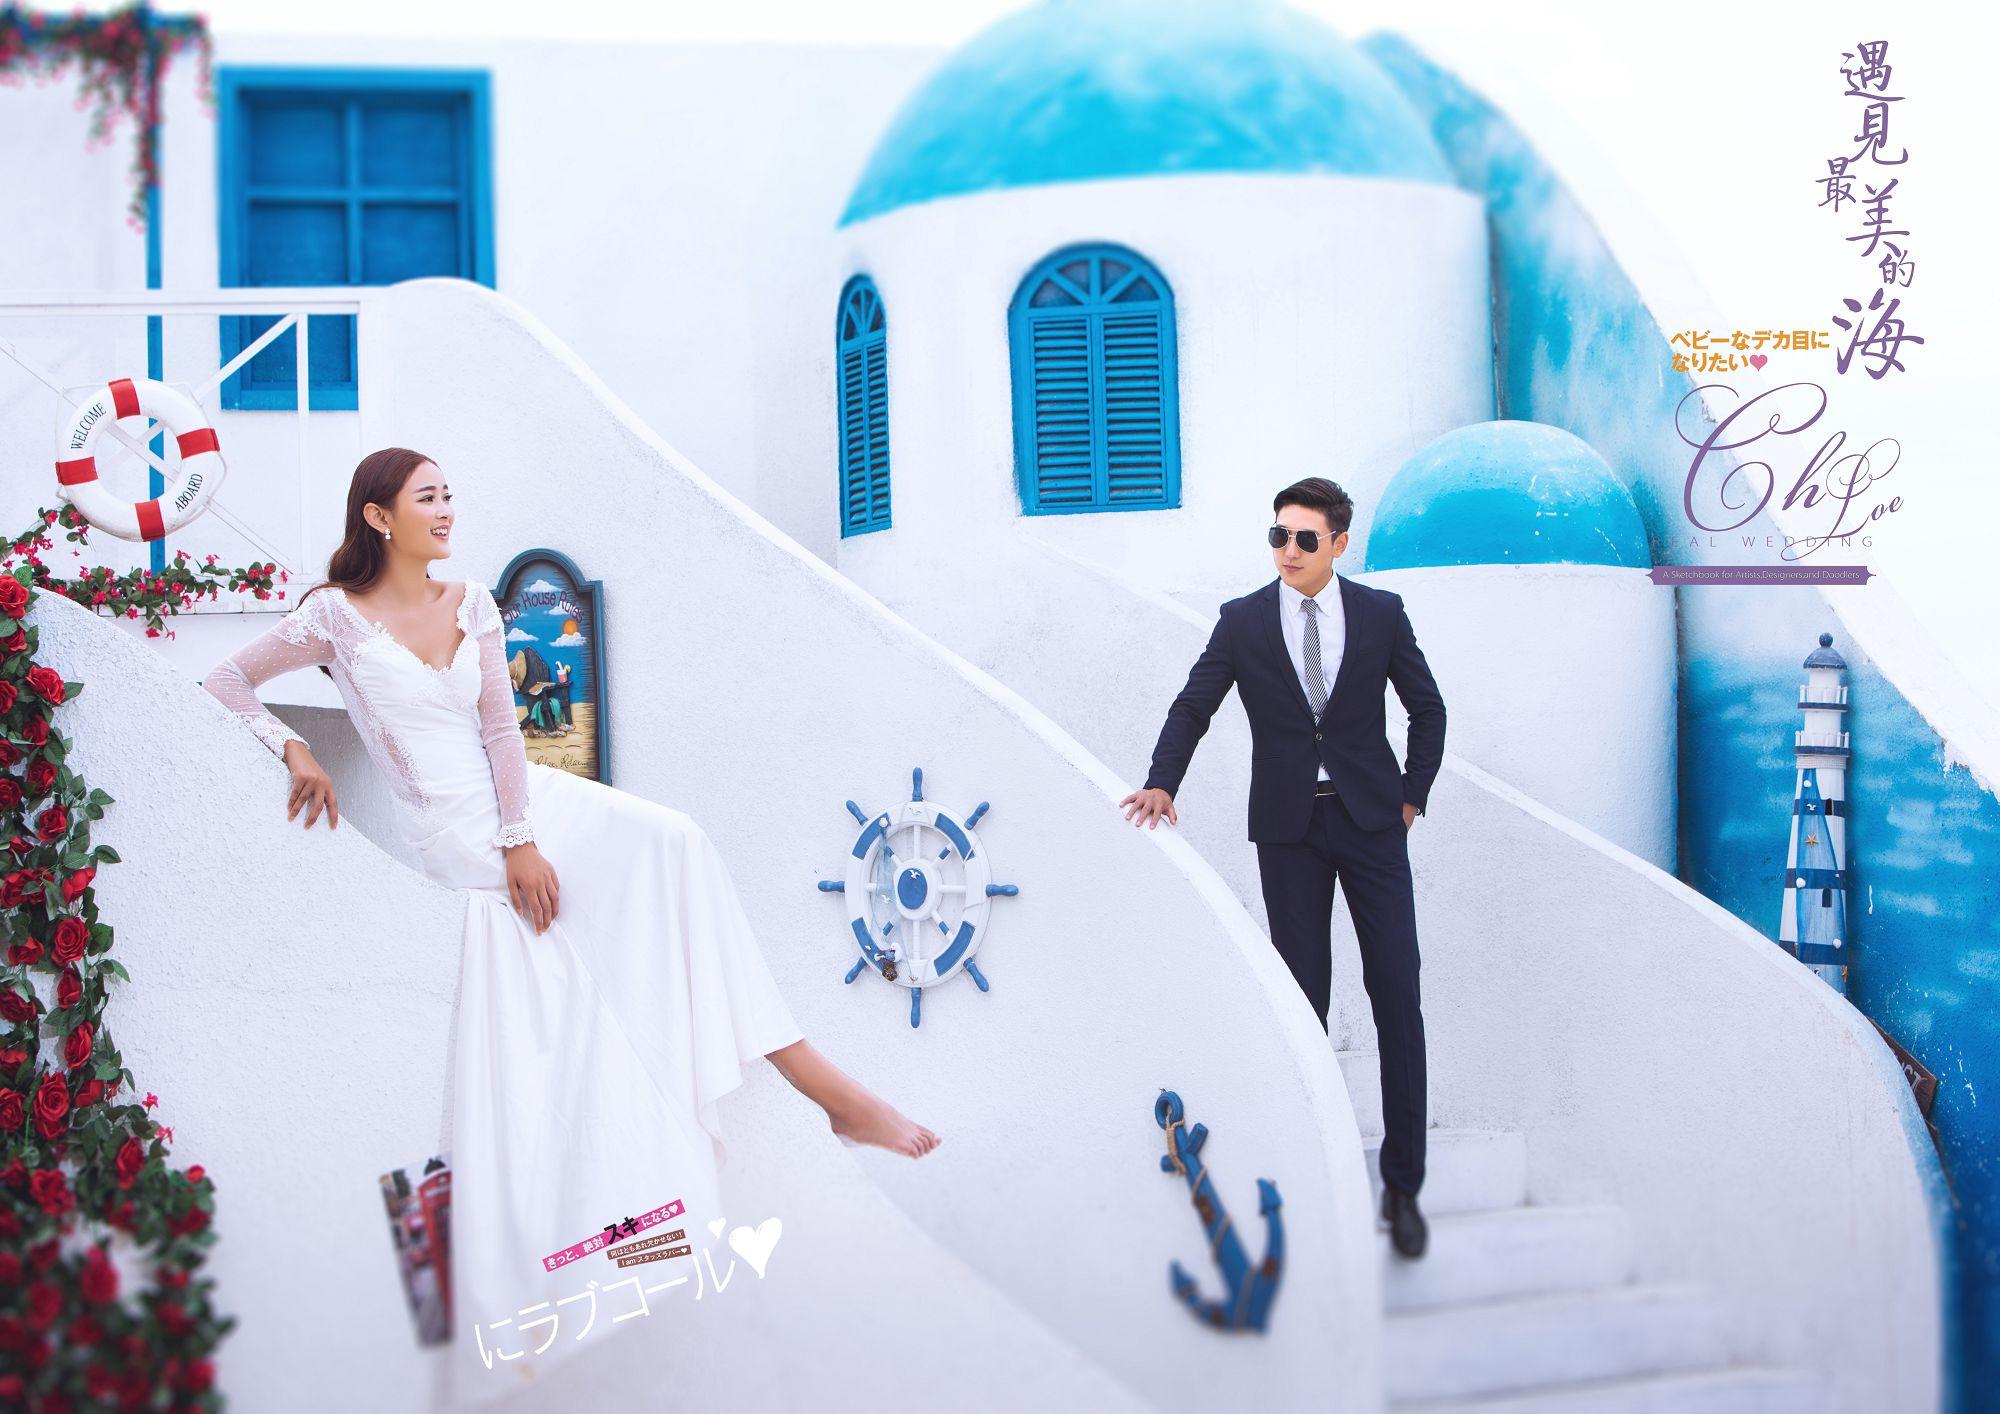 结婚照可以挂床头吗?挂婚纱照的风水禁忌